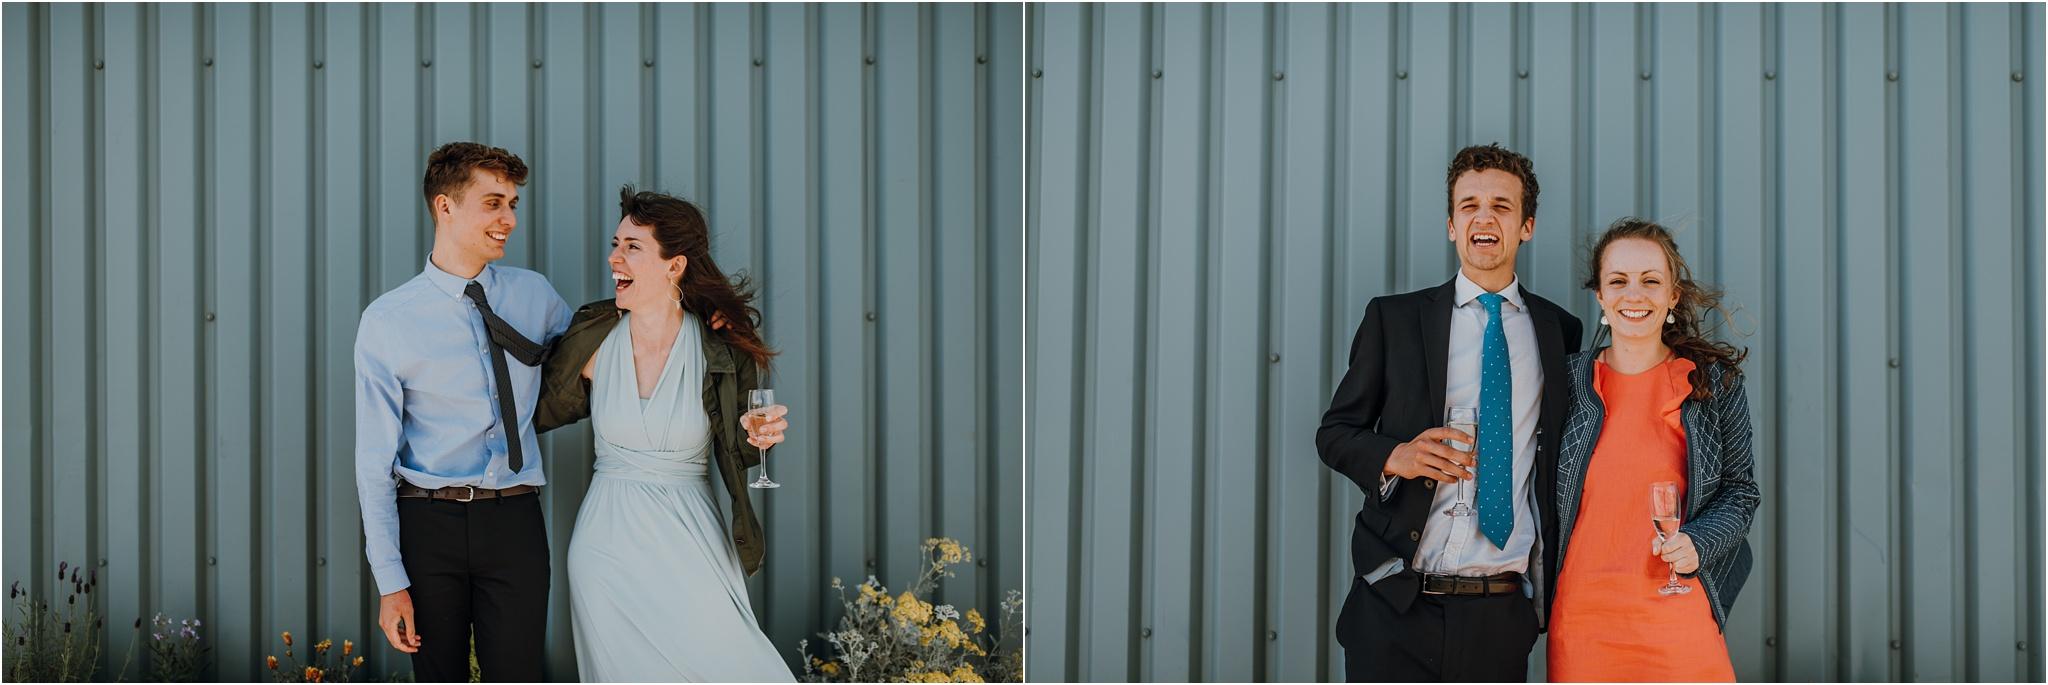 Edinburgh-barn-wedding-photographer_85.jpg